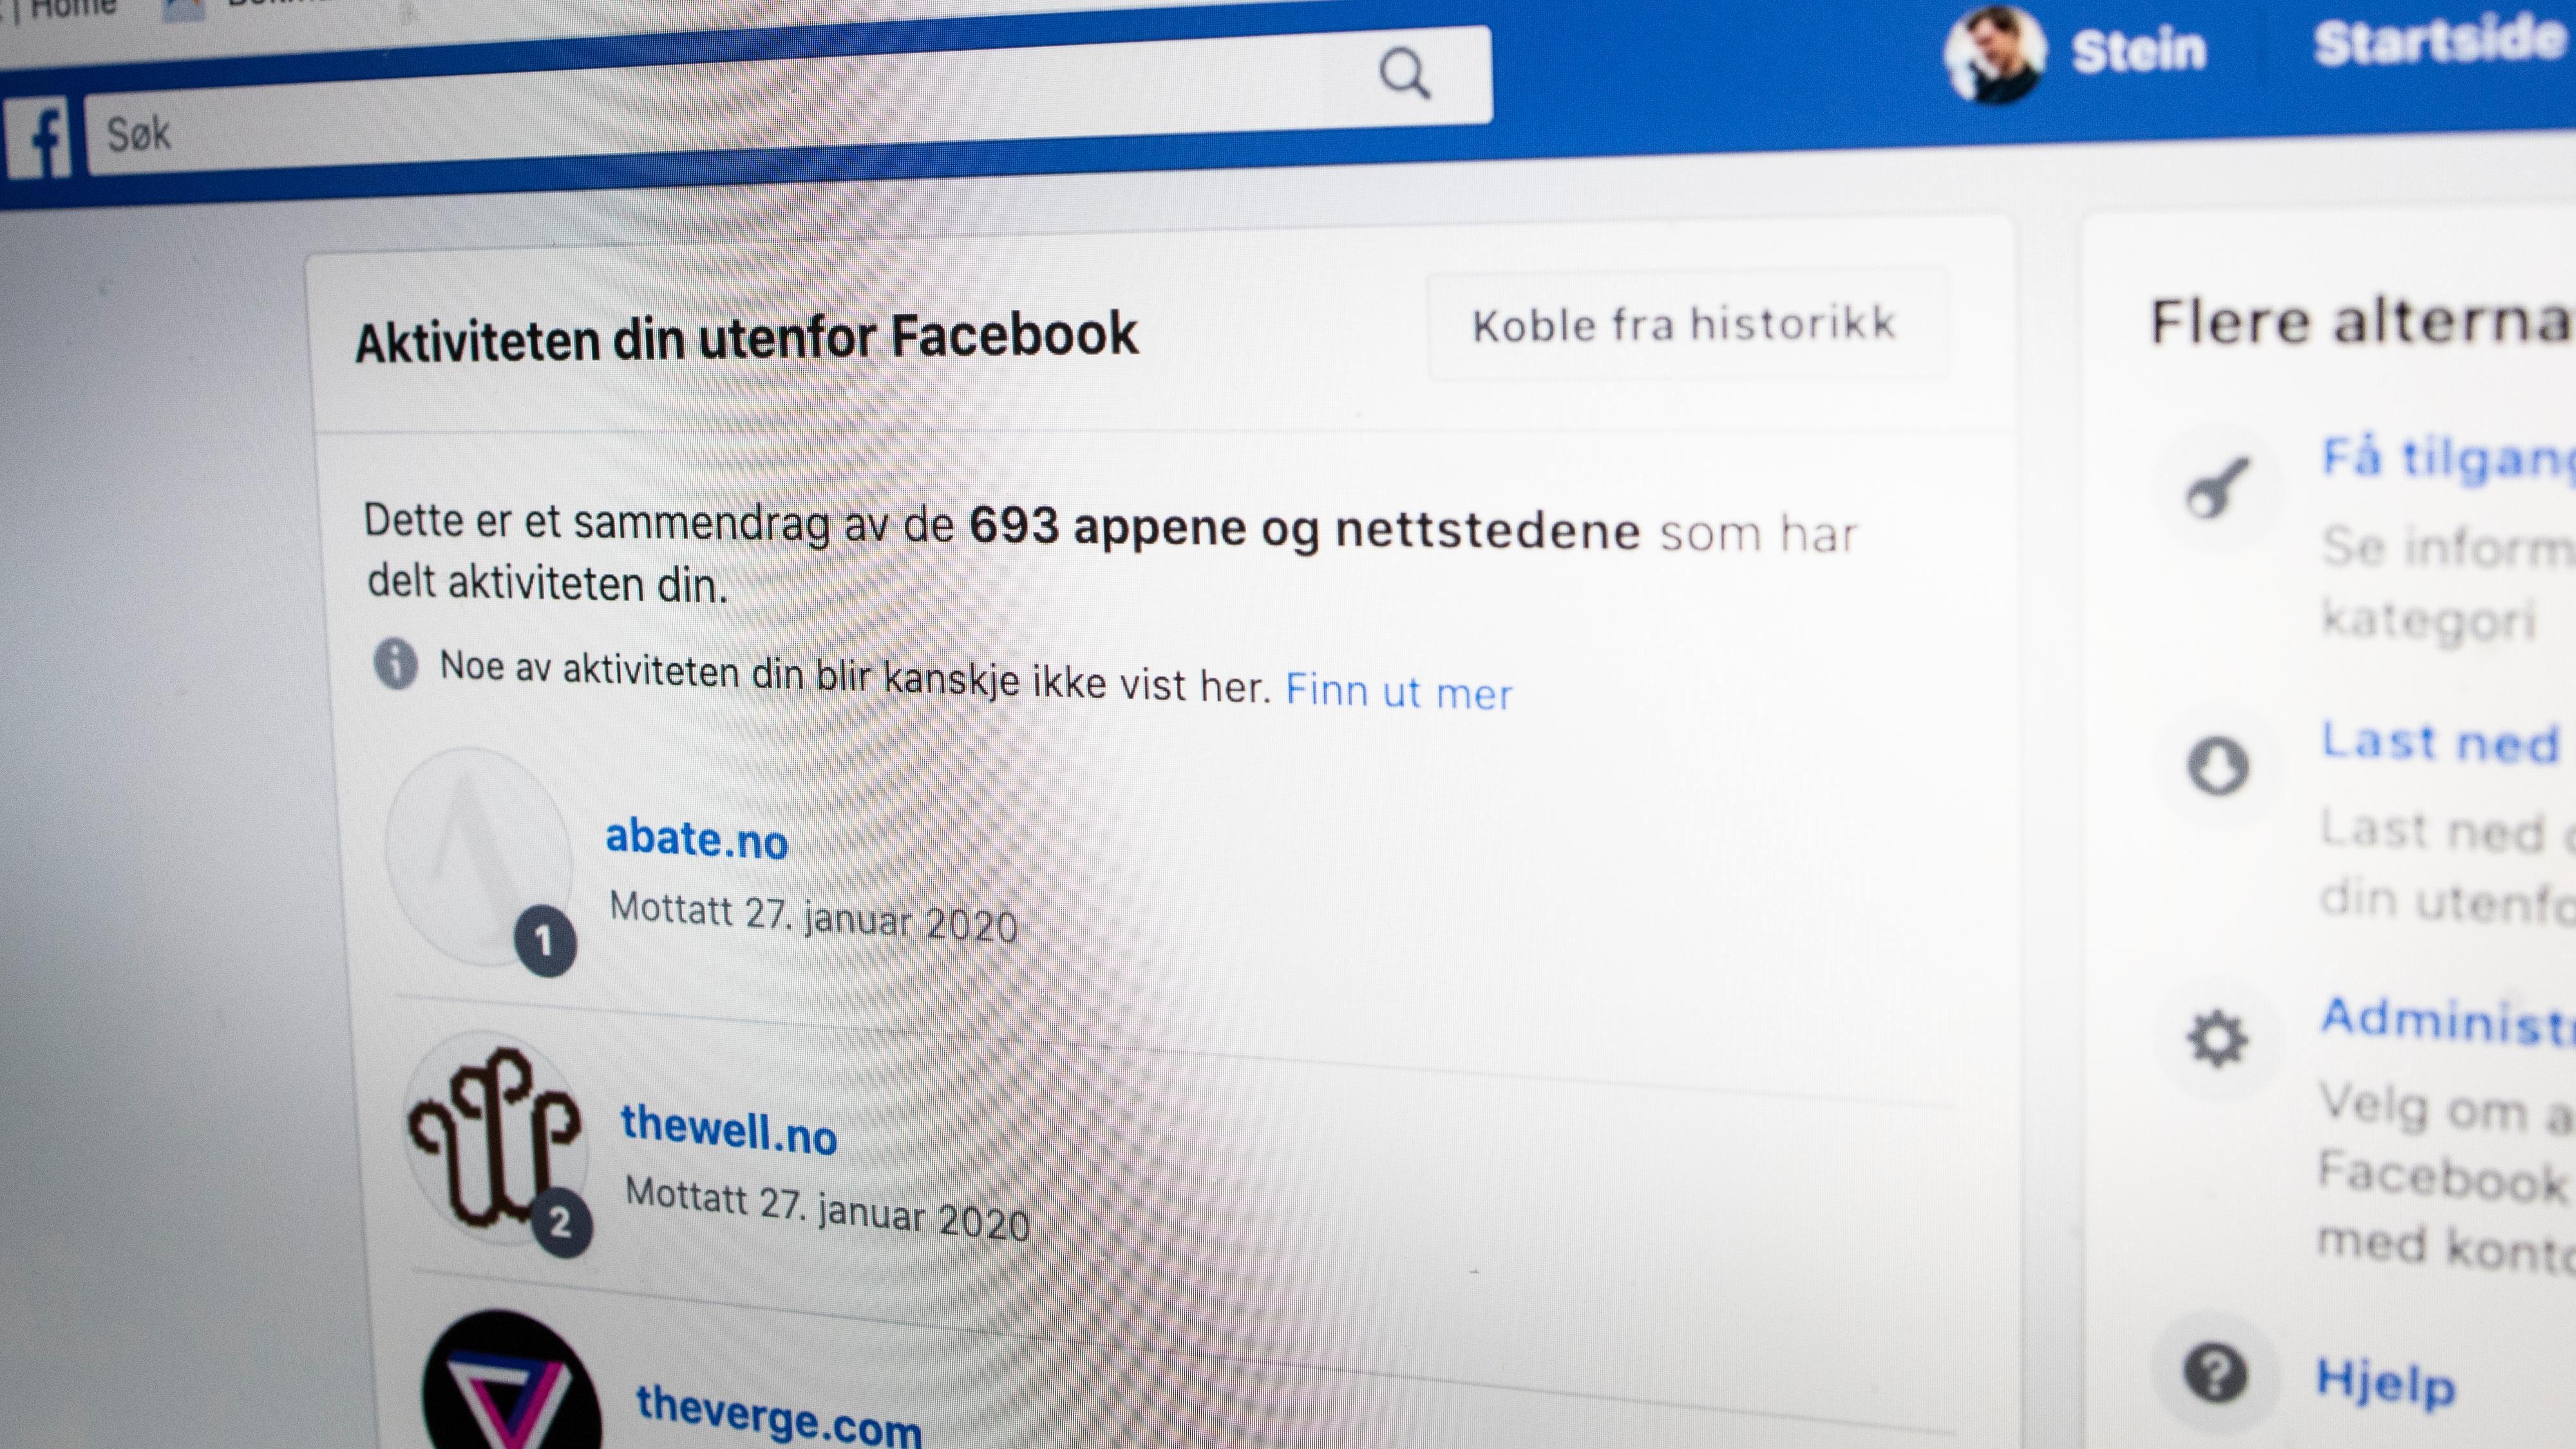 Facebooks nye oversikt over «Aktivitet utenfor Facebook» gir et ganske skremmende innsyn i hvor mye data som sirkulerer om aktiviteten vår på nett.